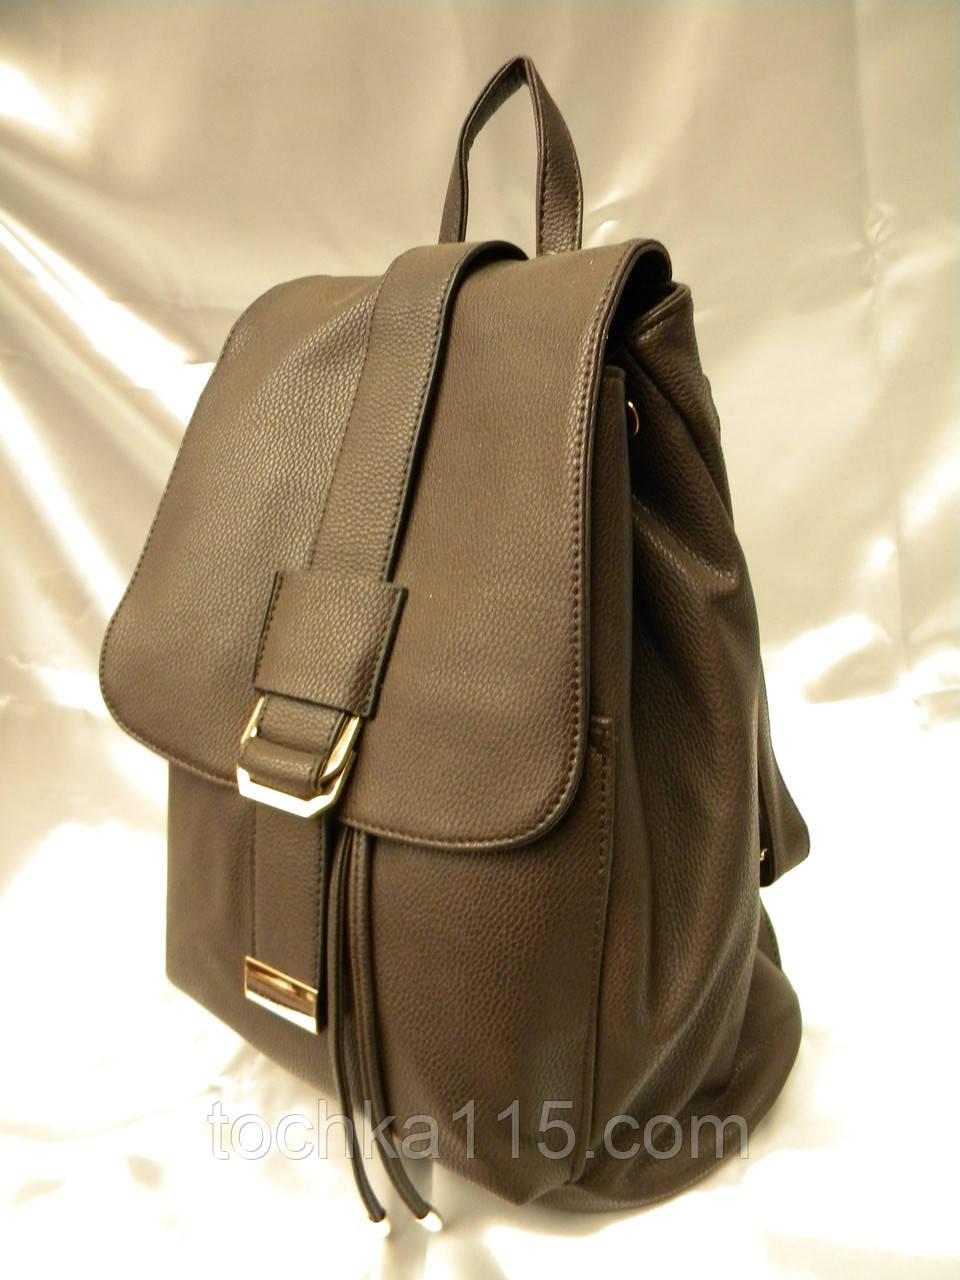 ac7d6ad1ddd6 Стильный женский рюкзак, коричневый кожаный рюкзак, рюкзак для девочки,  городской рюкзак